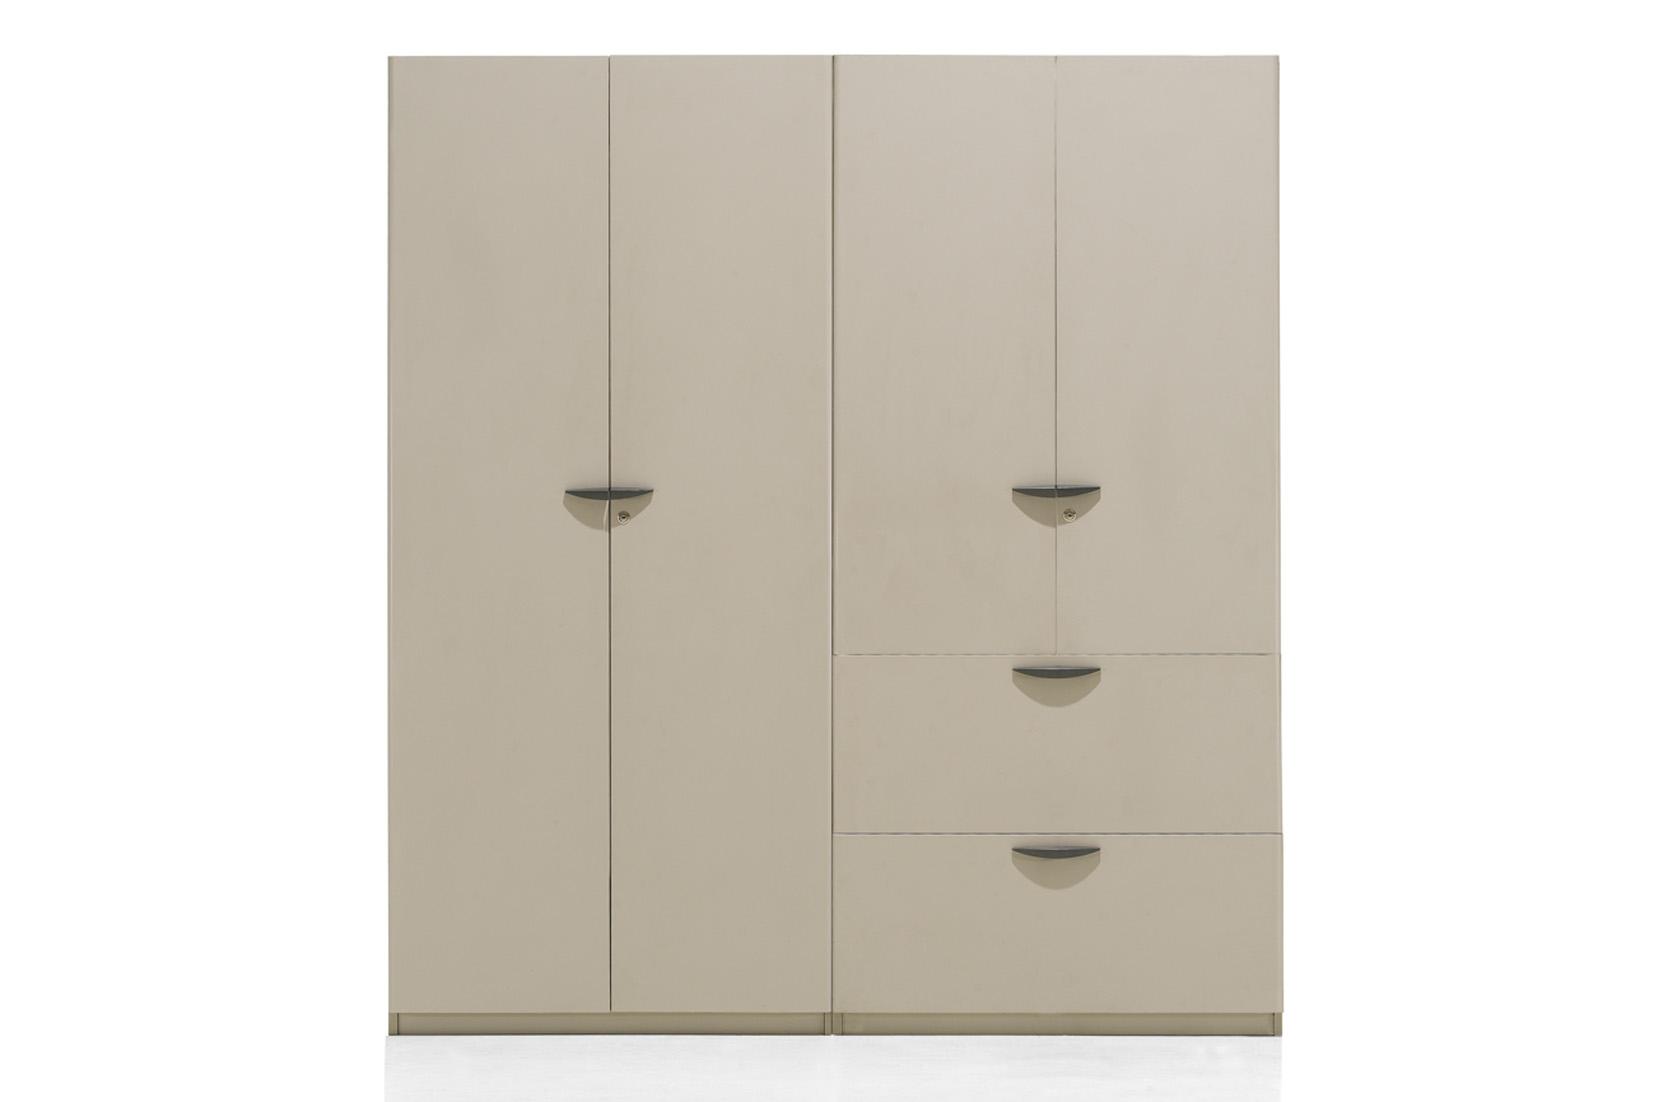 薄壁系列钢制文件柜